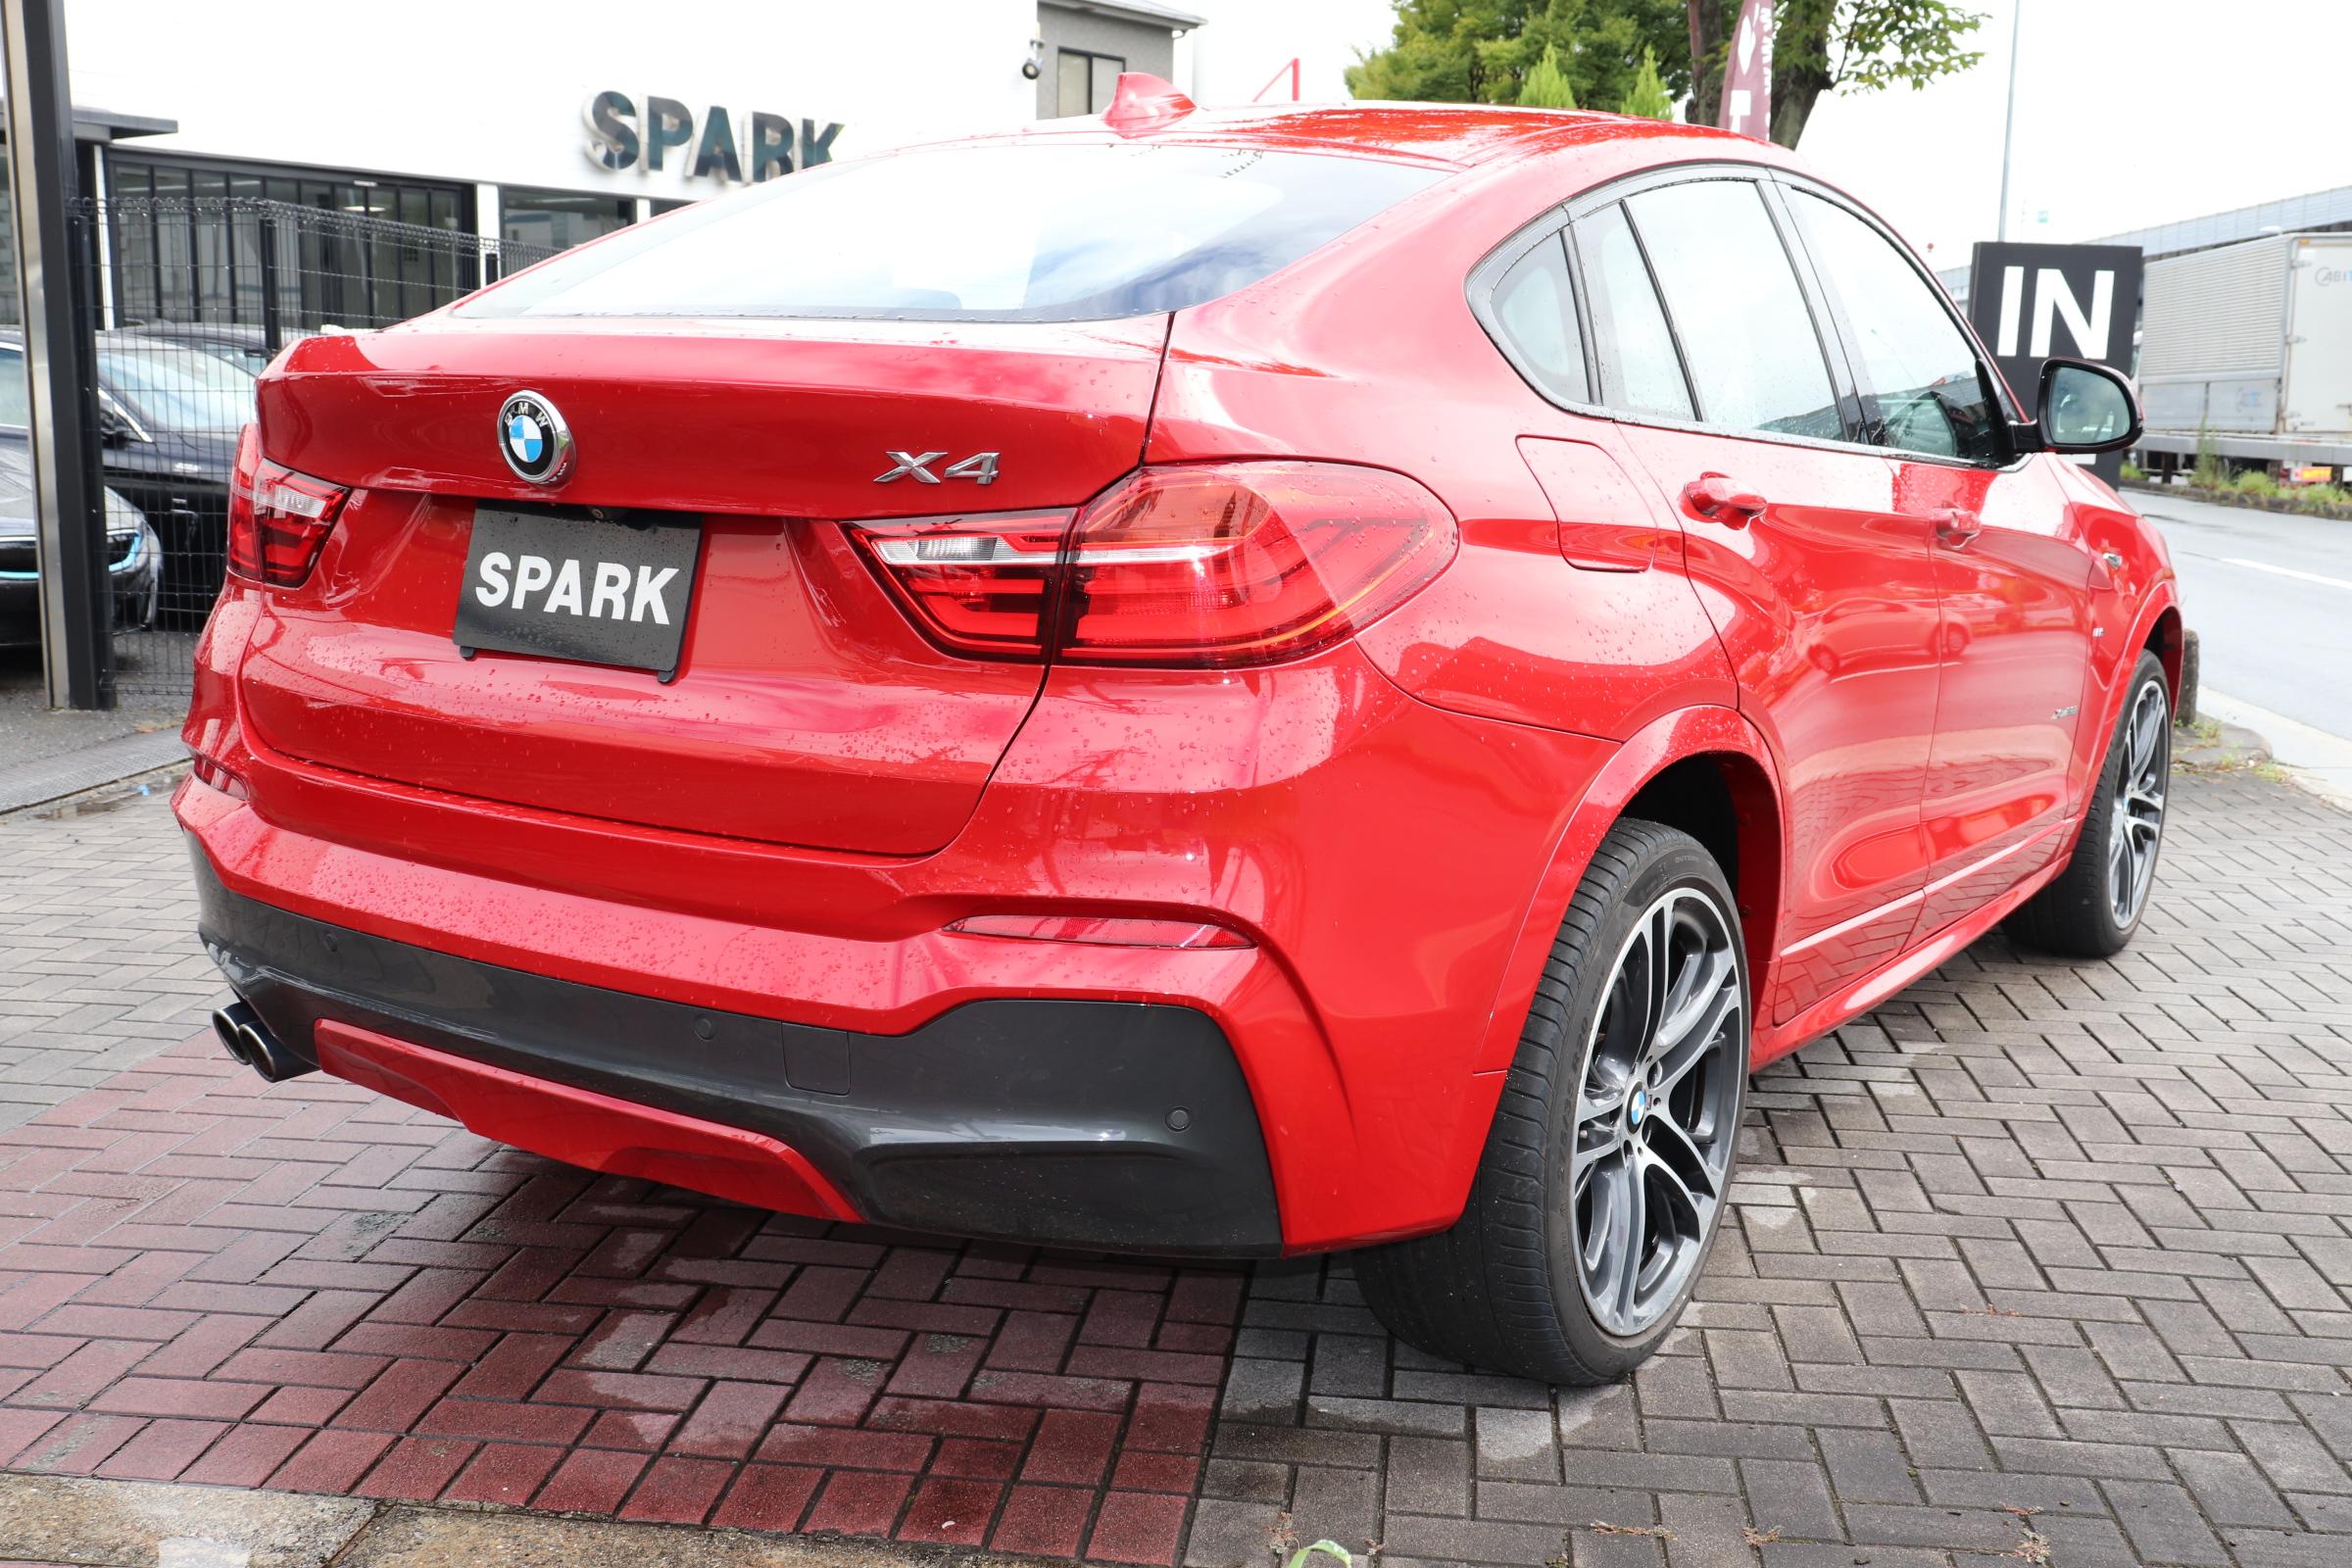 X4 xDrive 28i Mスポーツ 4WD 20インチACCレーンチェンジW LEDヘッド Mスポステア車両画像05